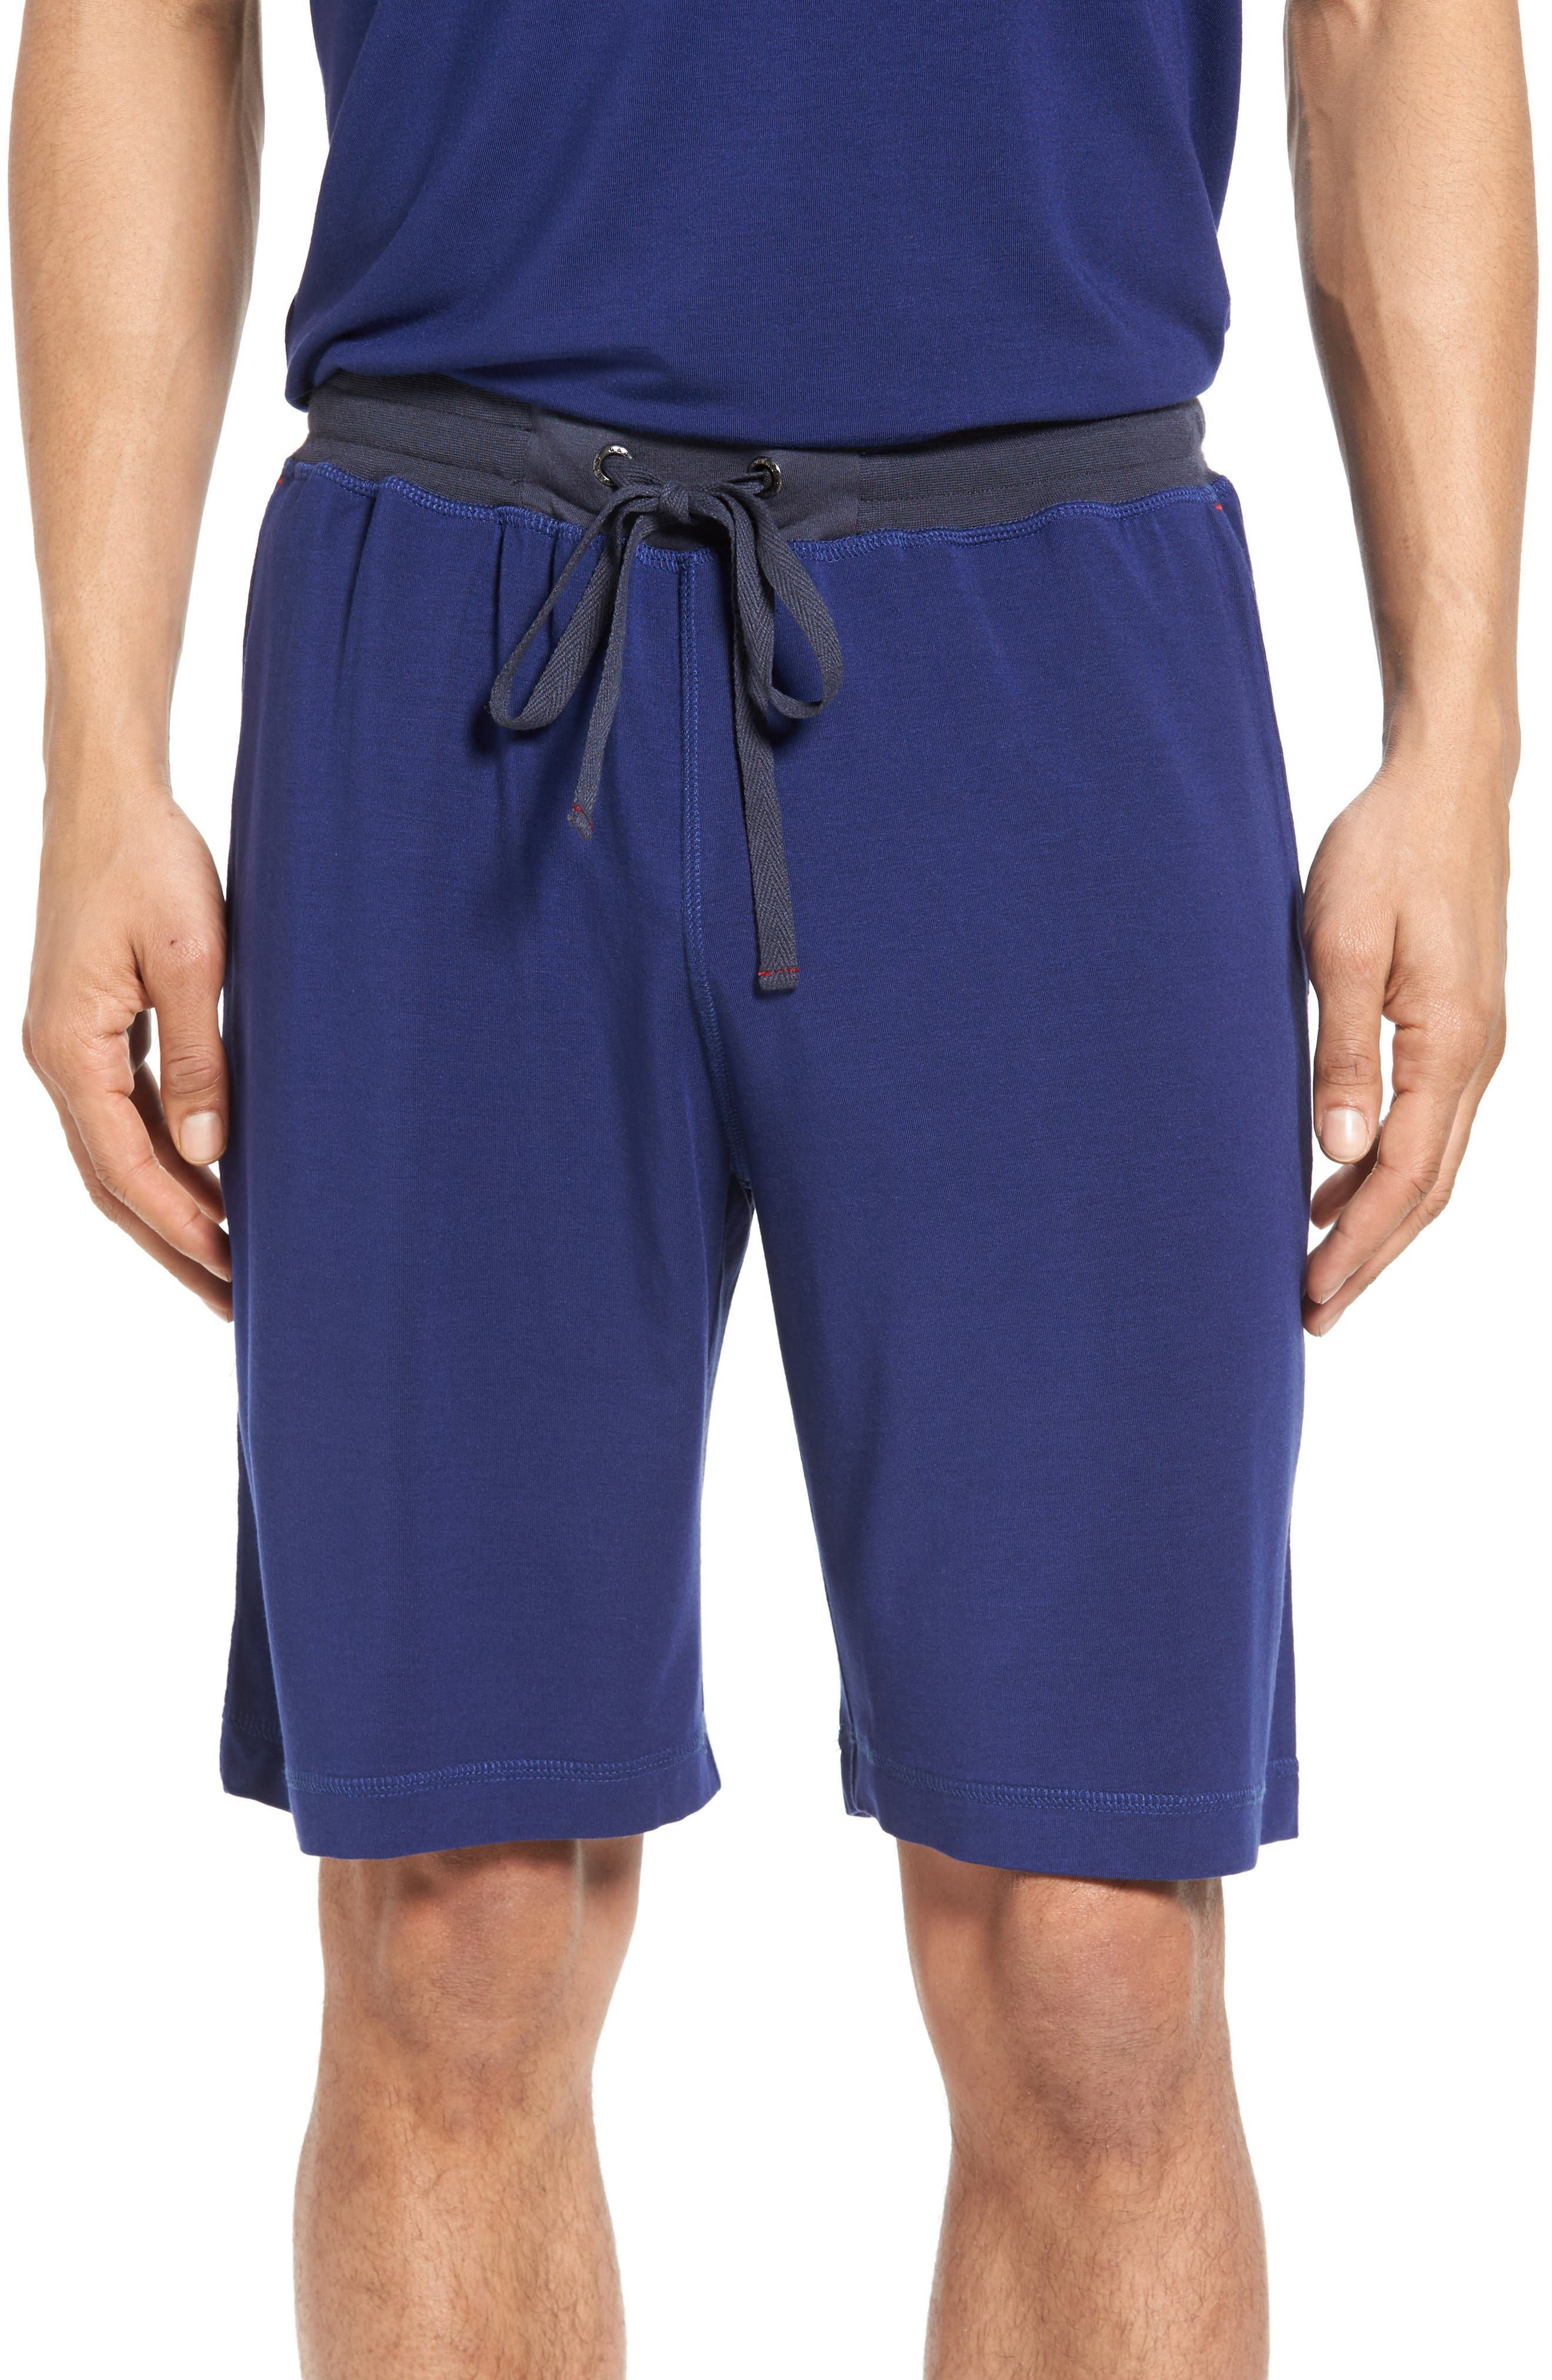 Lounge Shorts,                             Main thumbnail 1, color,                             413